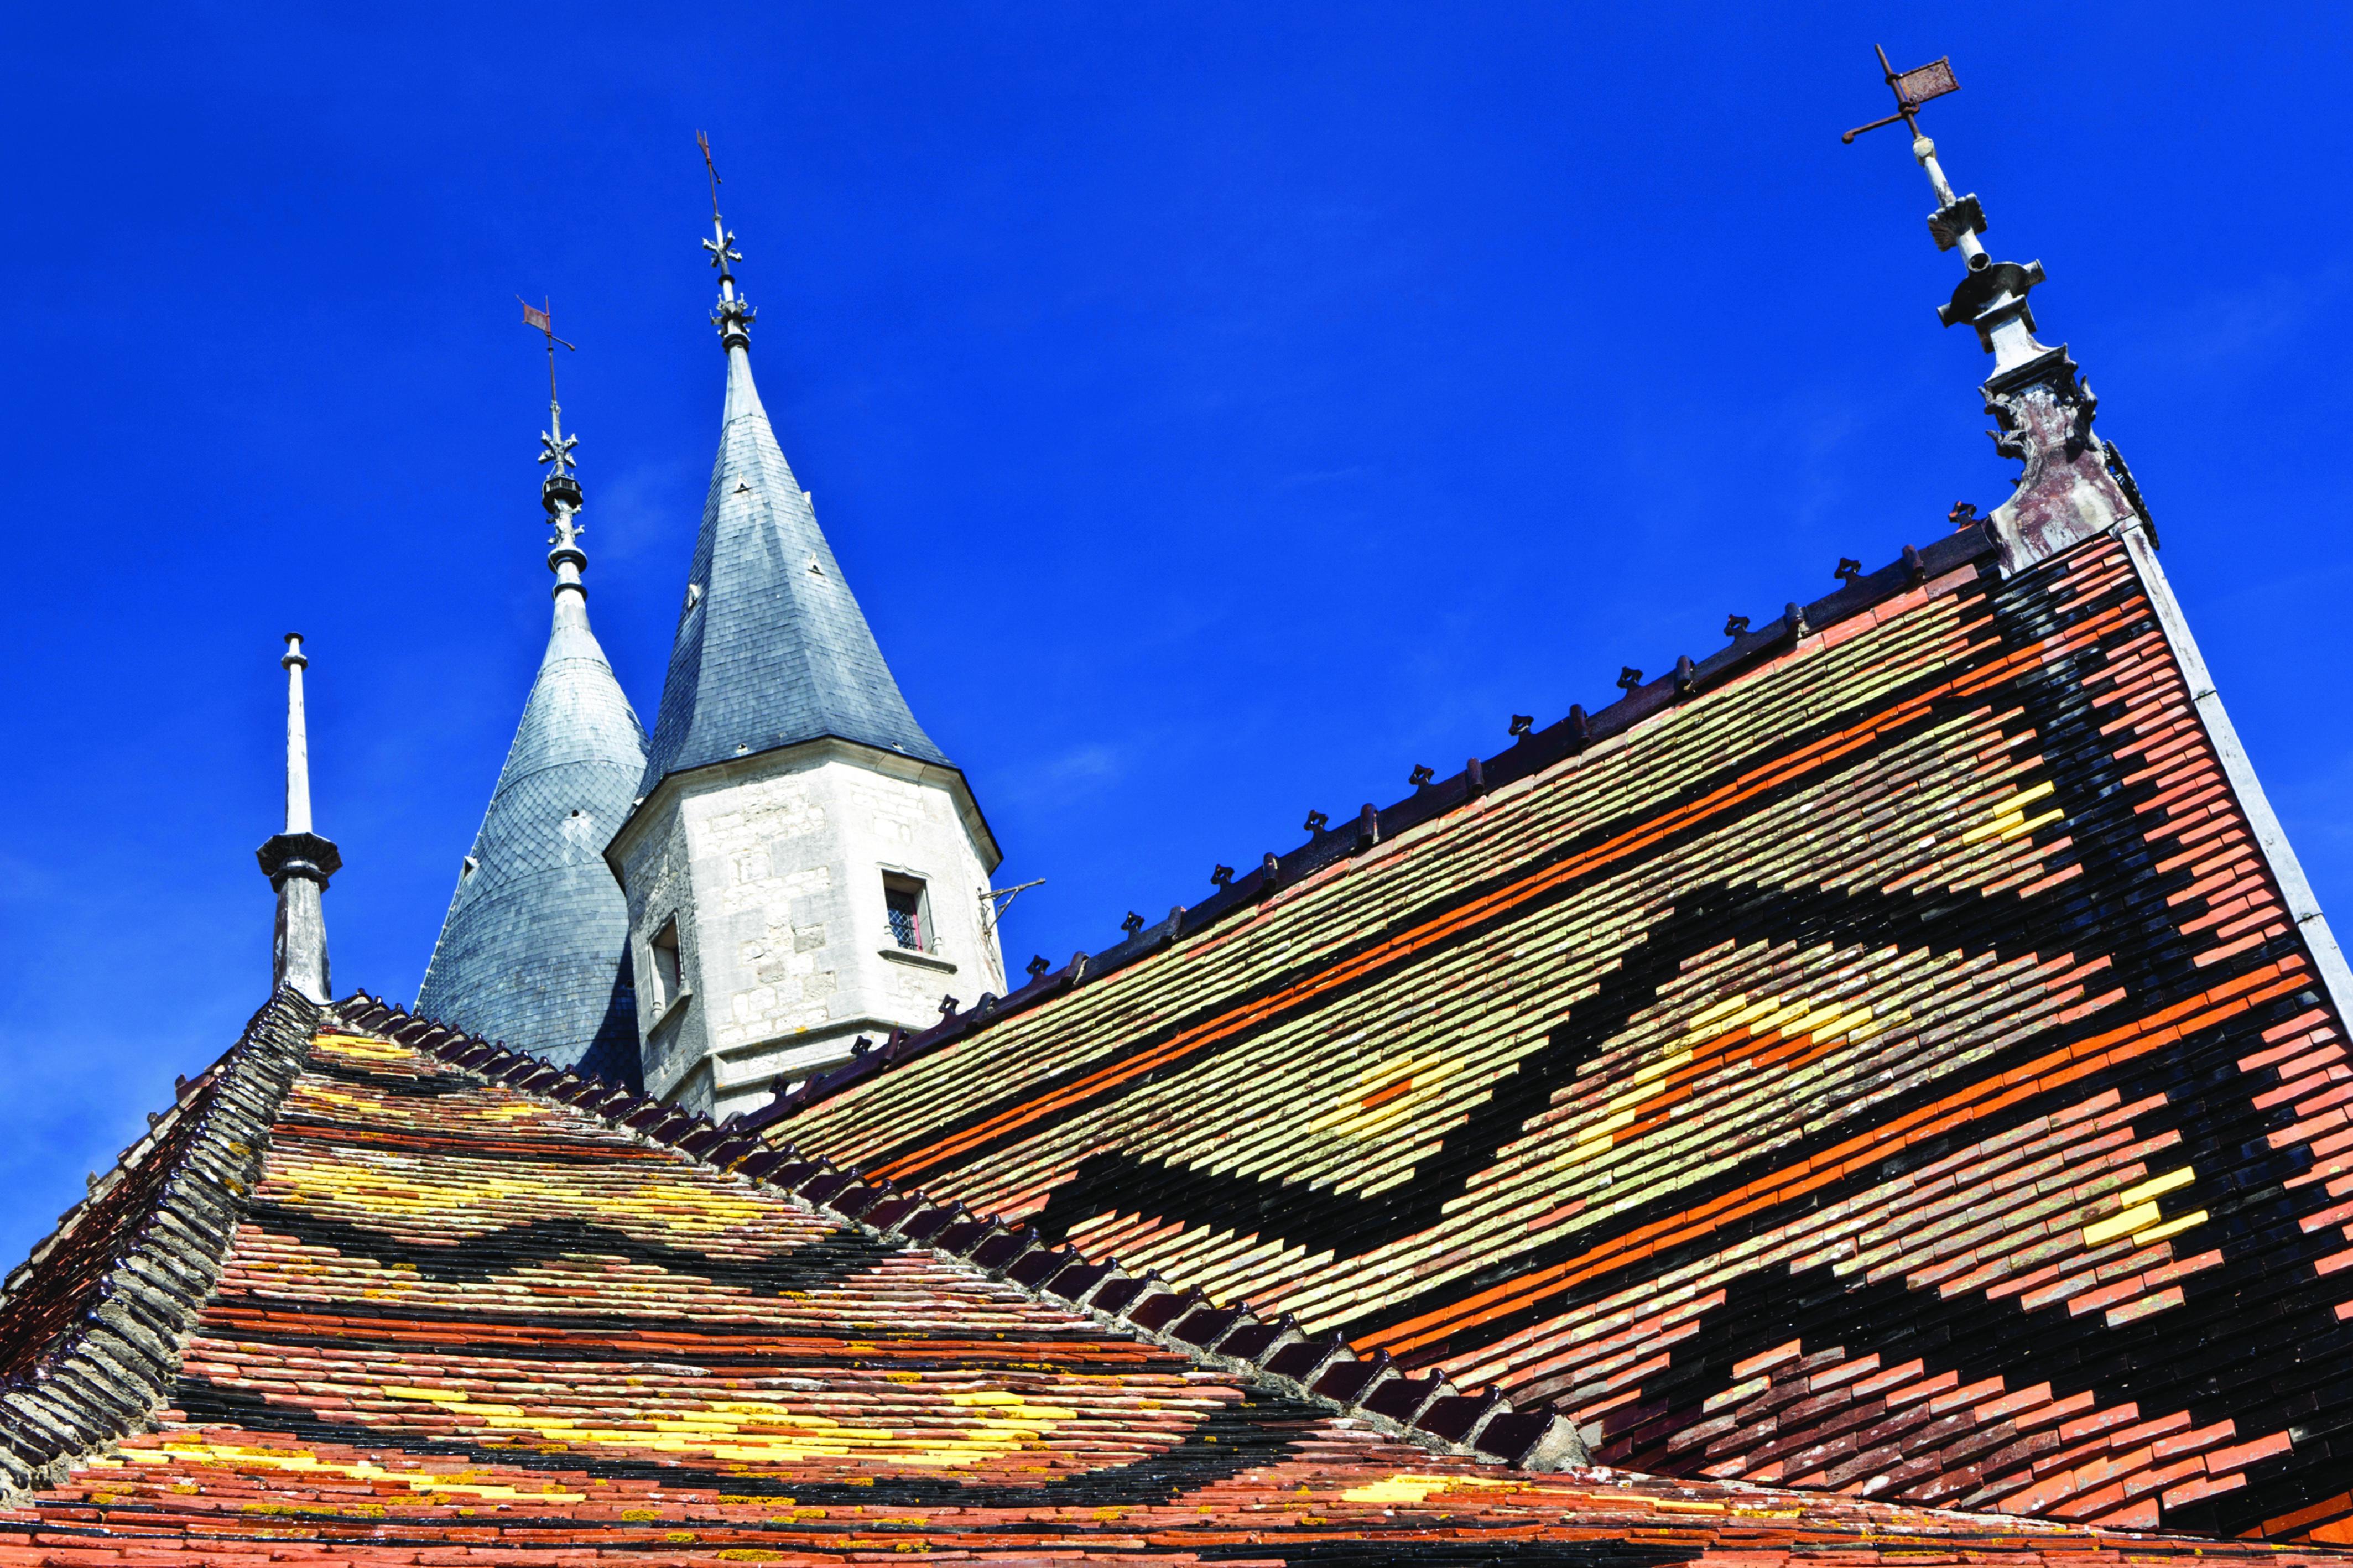 Castle in Burgundy dbhk mar 12